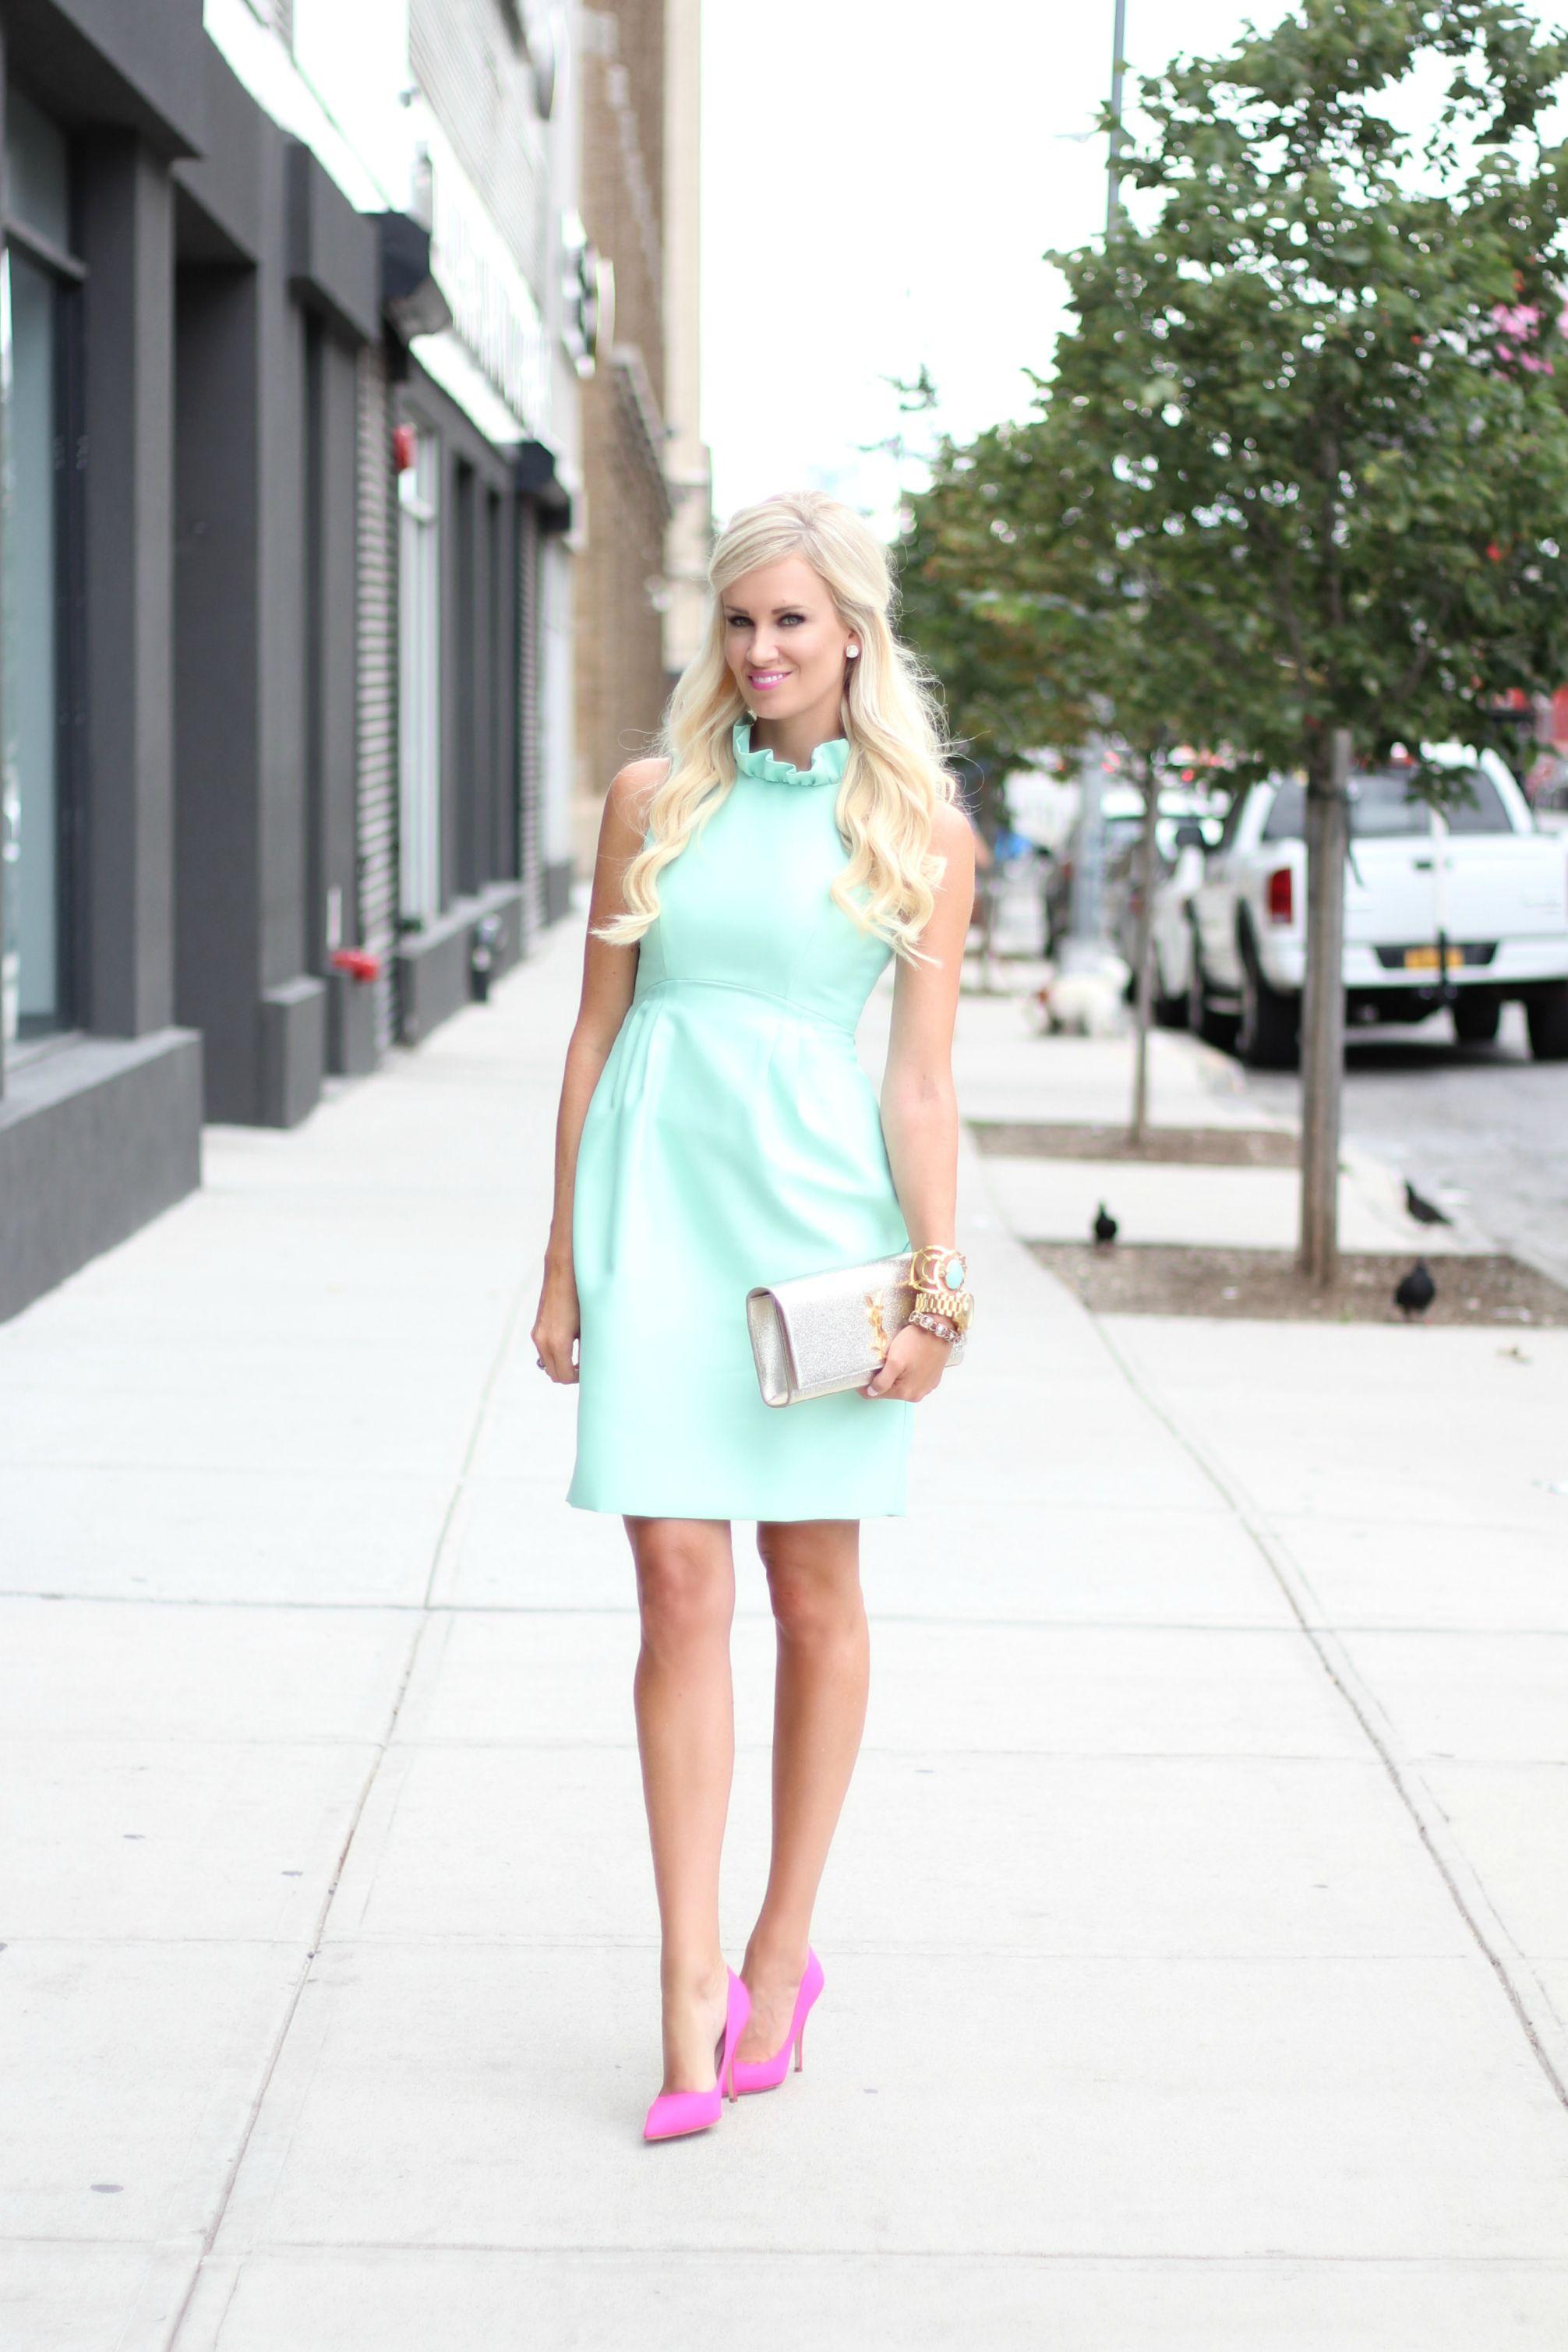 cbbb9116c3cb Mint Ruffled Dress + Pink Heels - McKenna Bleu